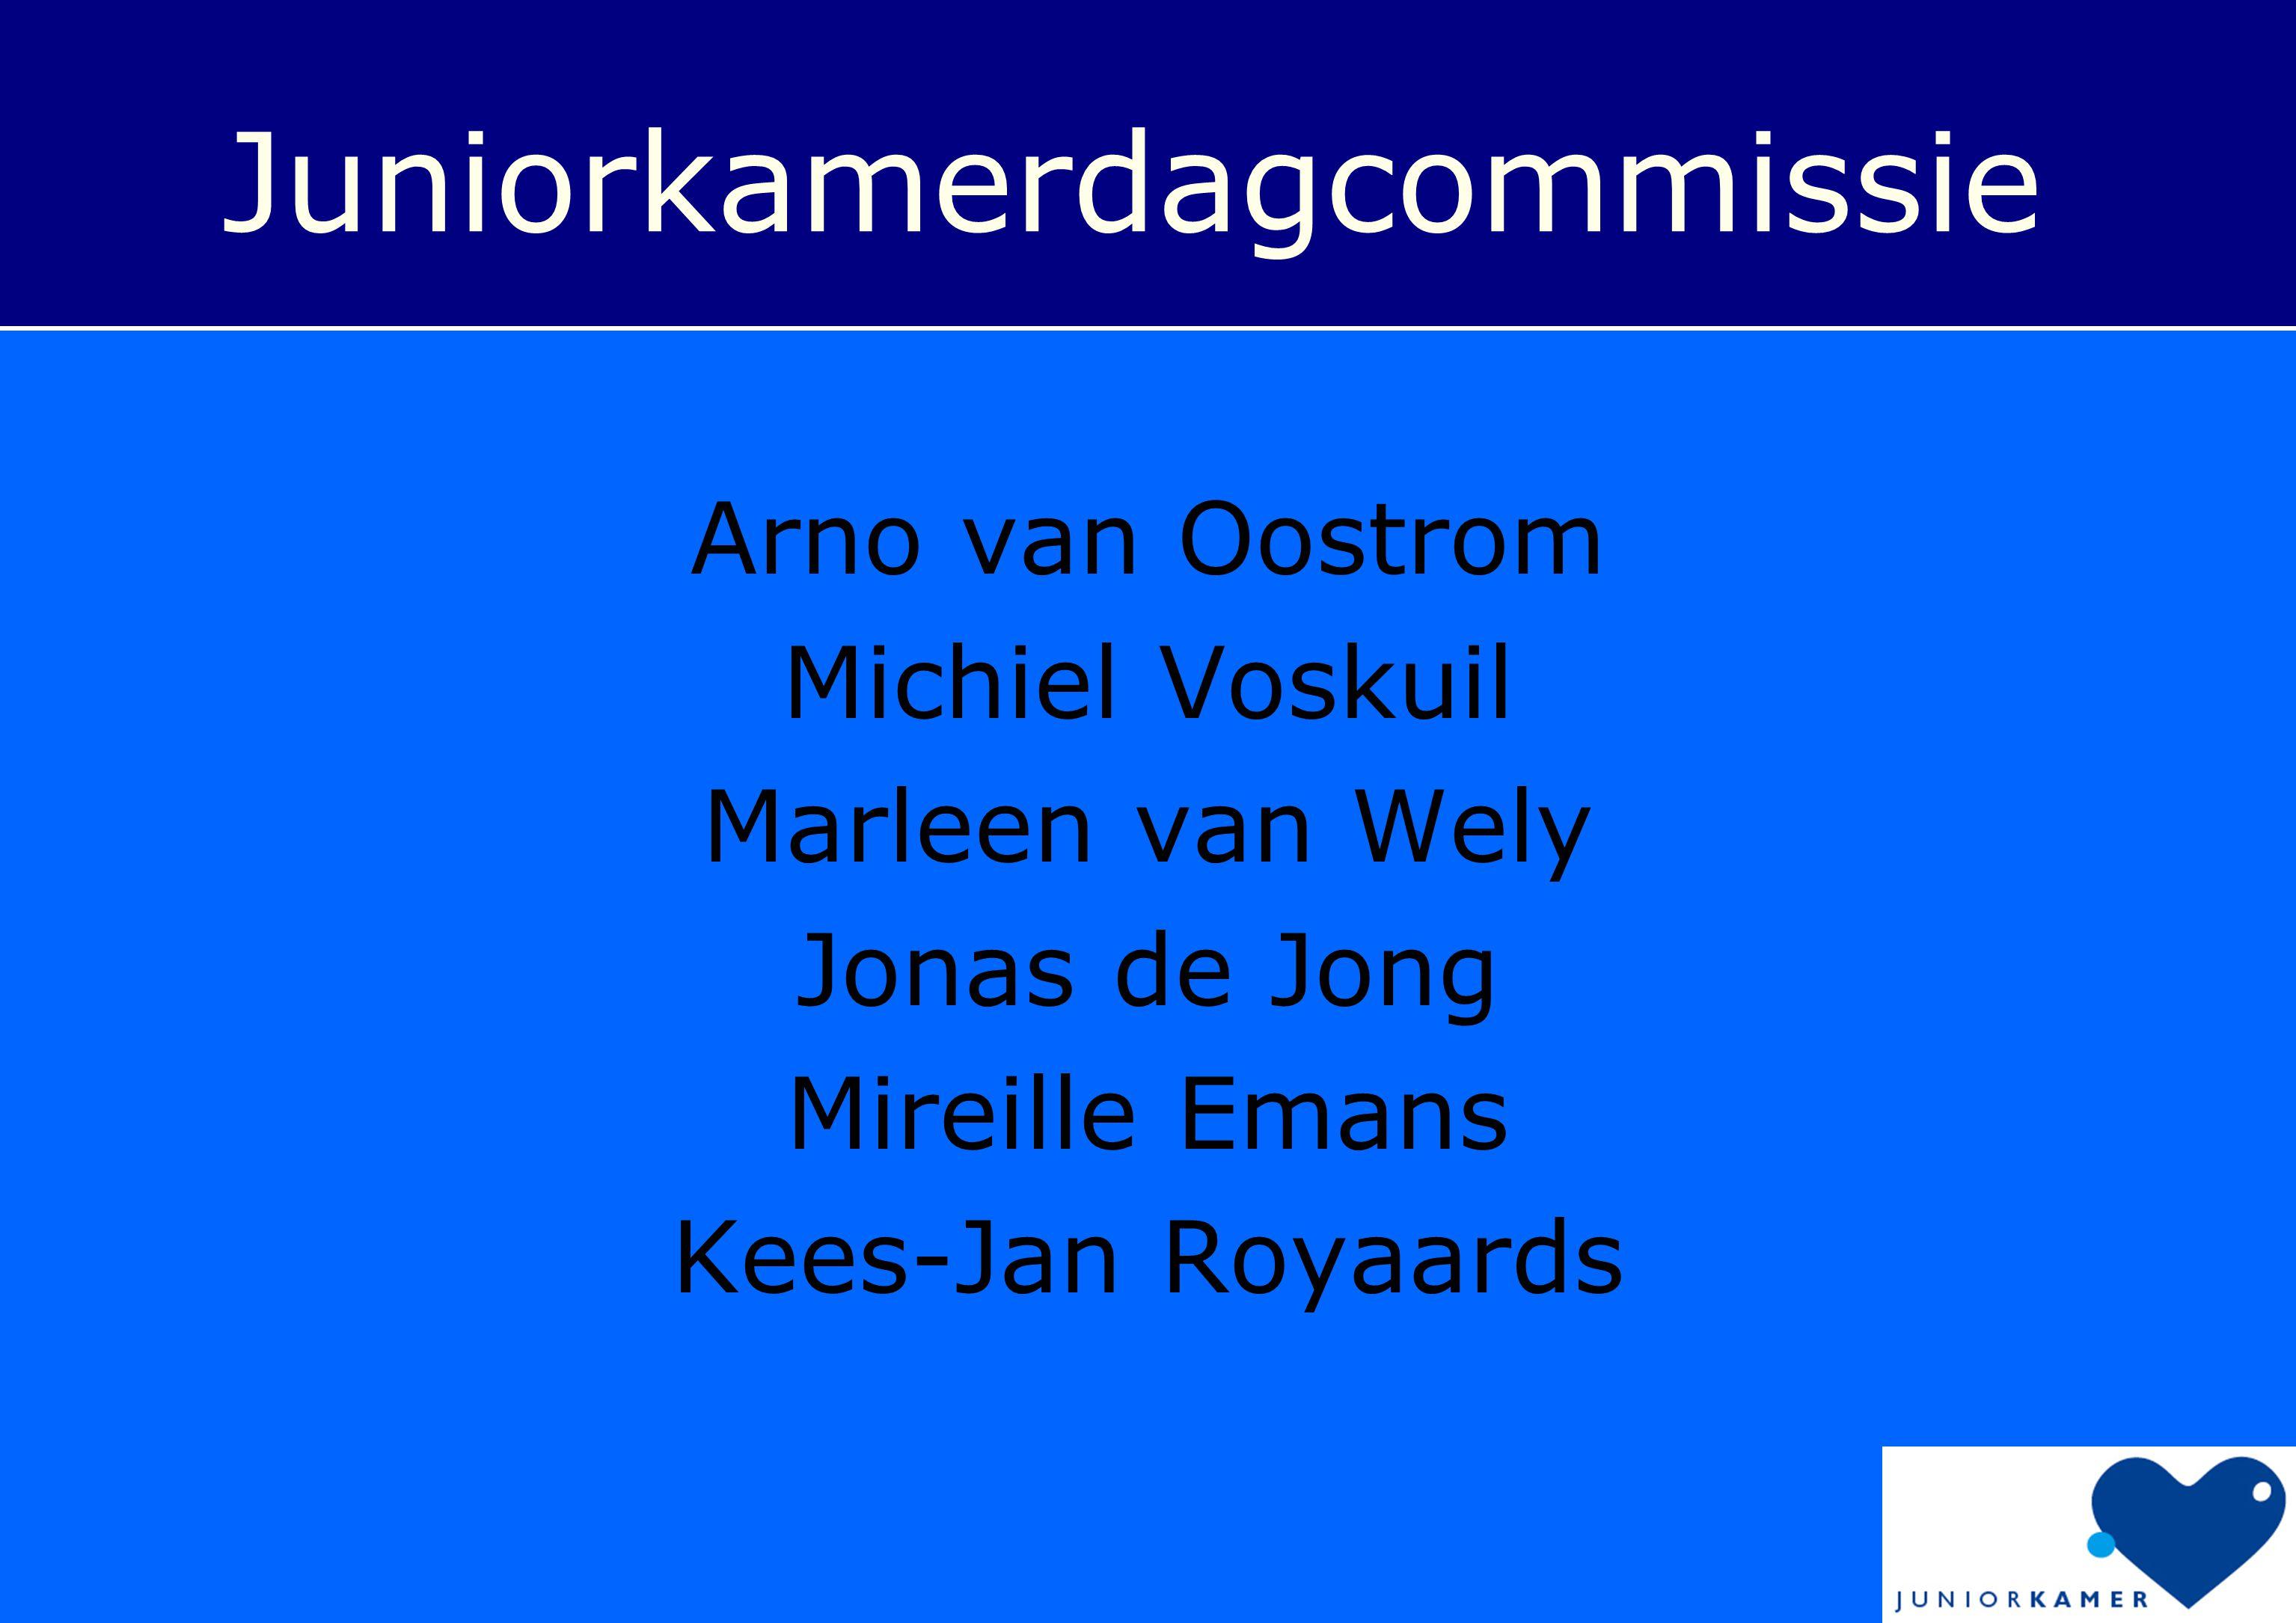 Juniorkamerdagcommissie Arno van Oostrom Michiel Voskuil Marleen van Wely Jonas de Jong Mireille Emans Kees-Jan Royaards